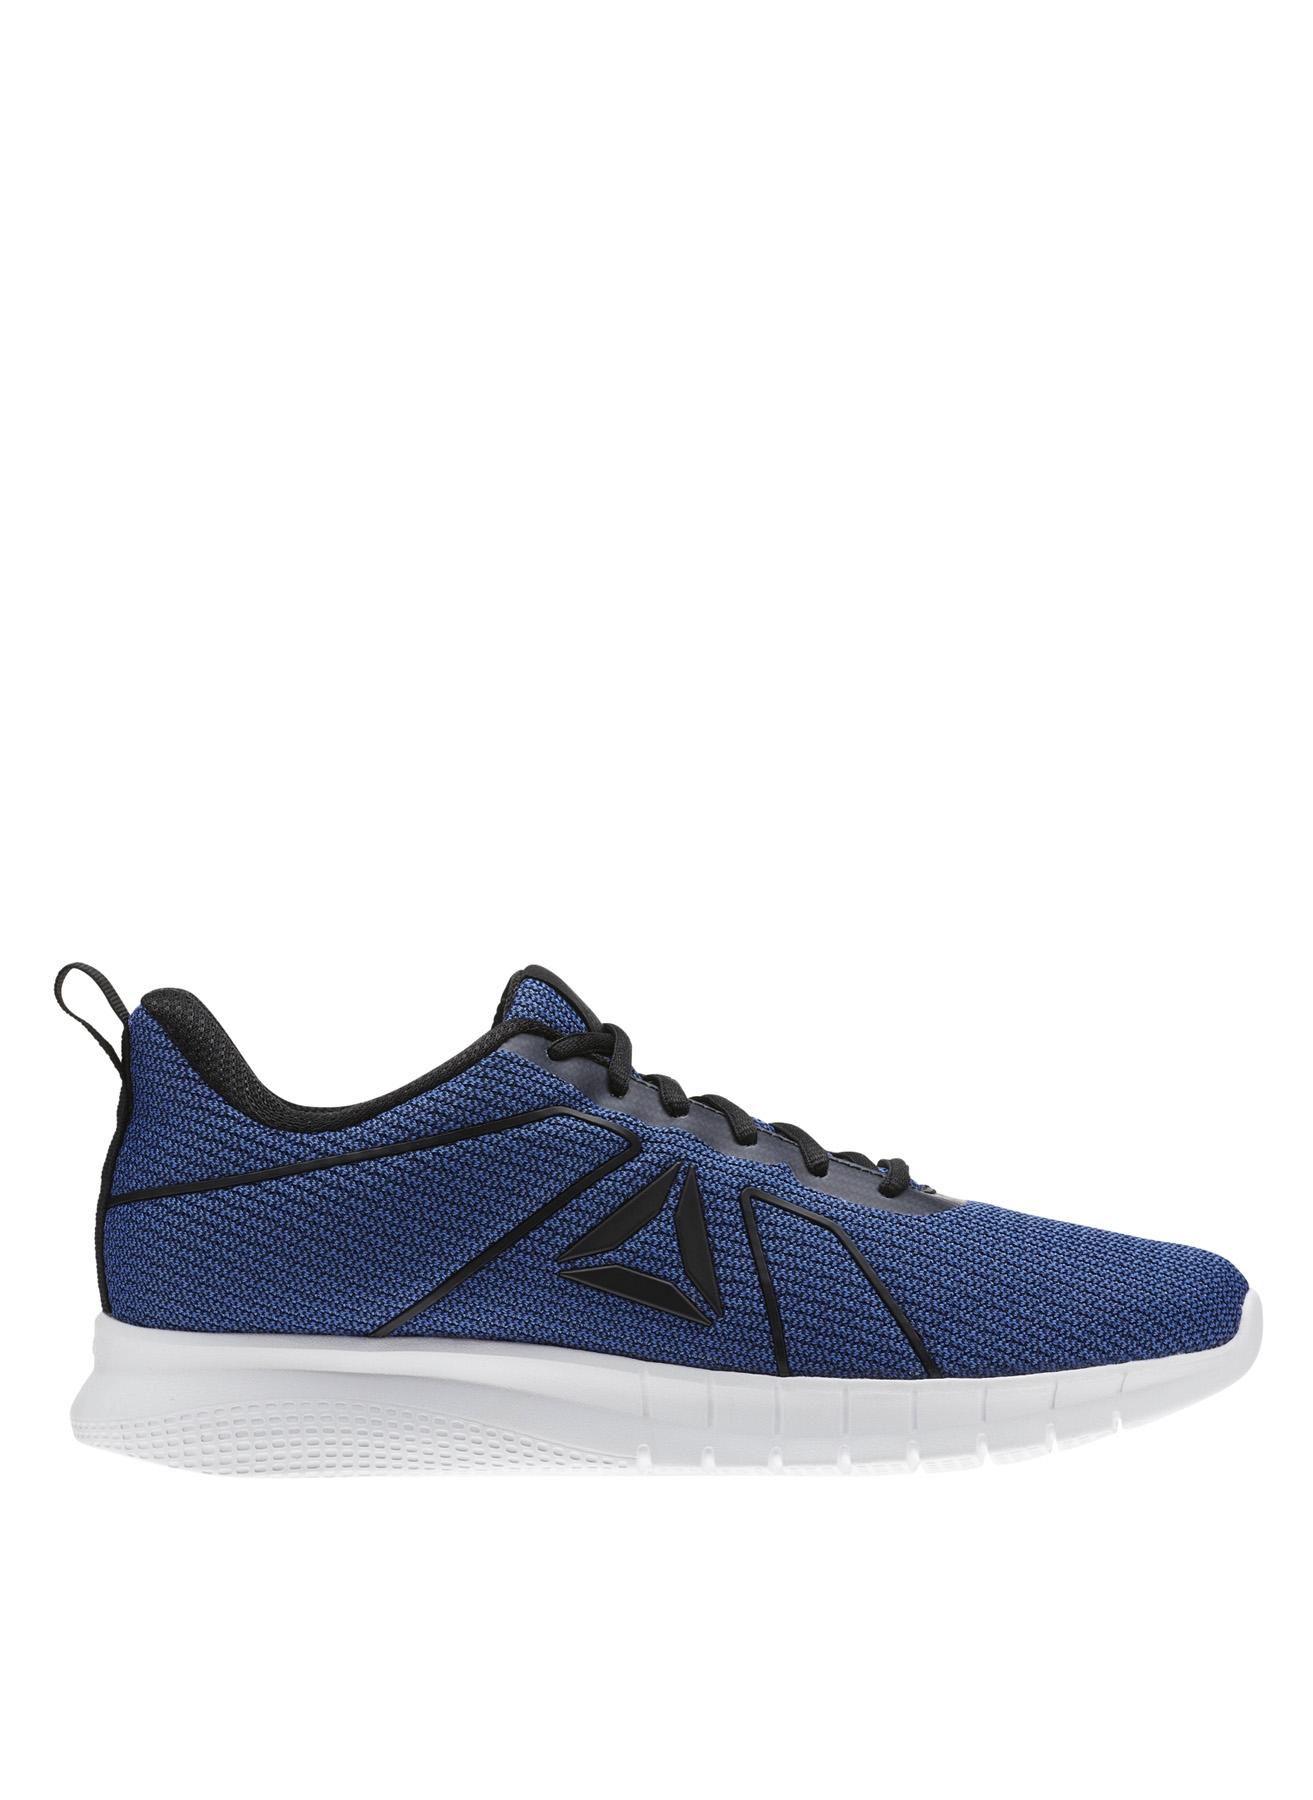 Reebok Instalite Pro Koşu Ayakkabısı 42 5001633326004 Ürün Resmi